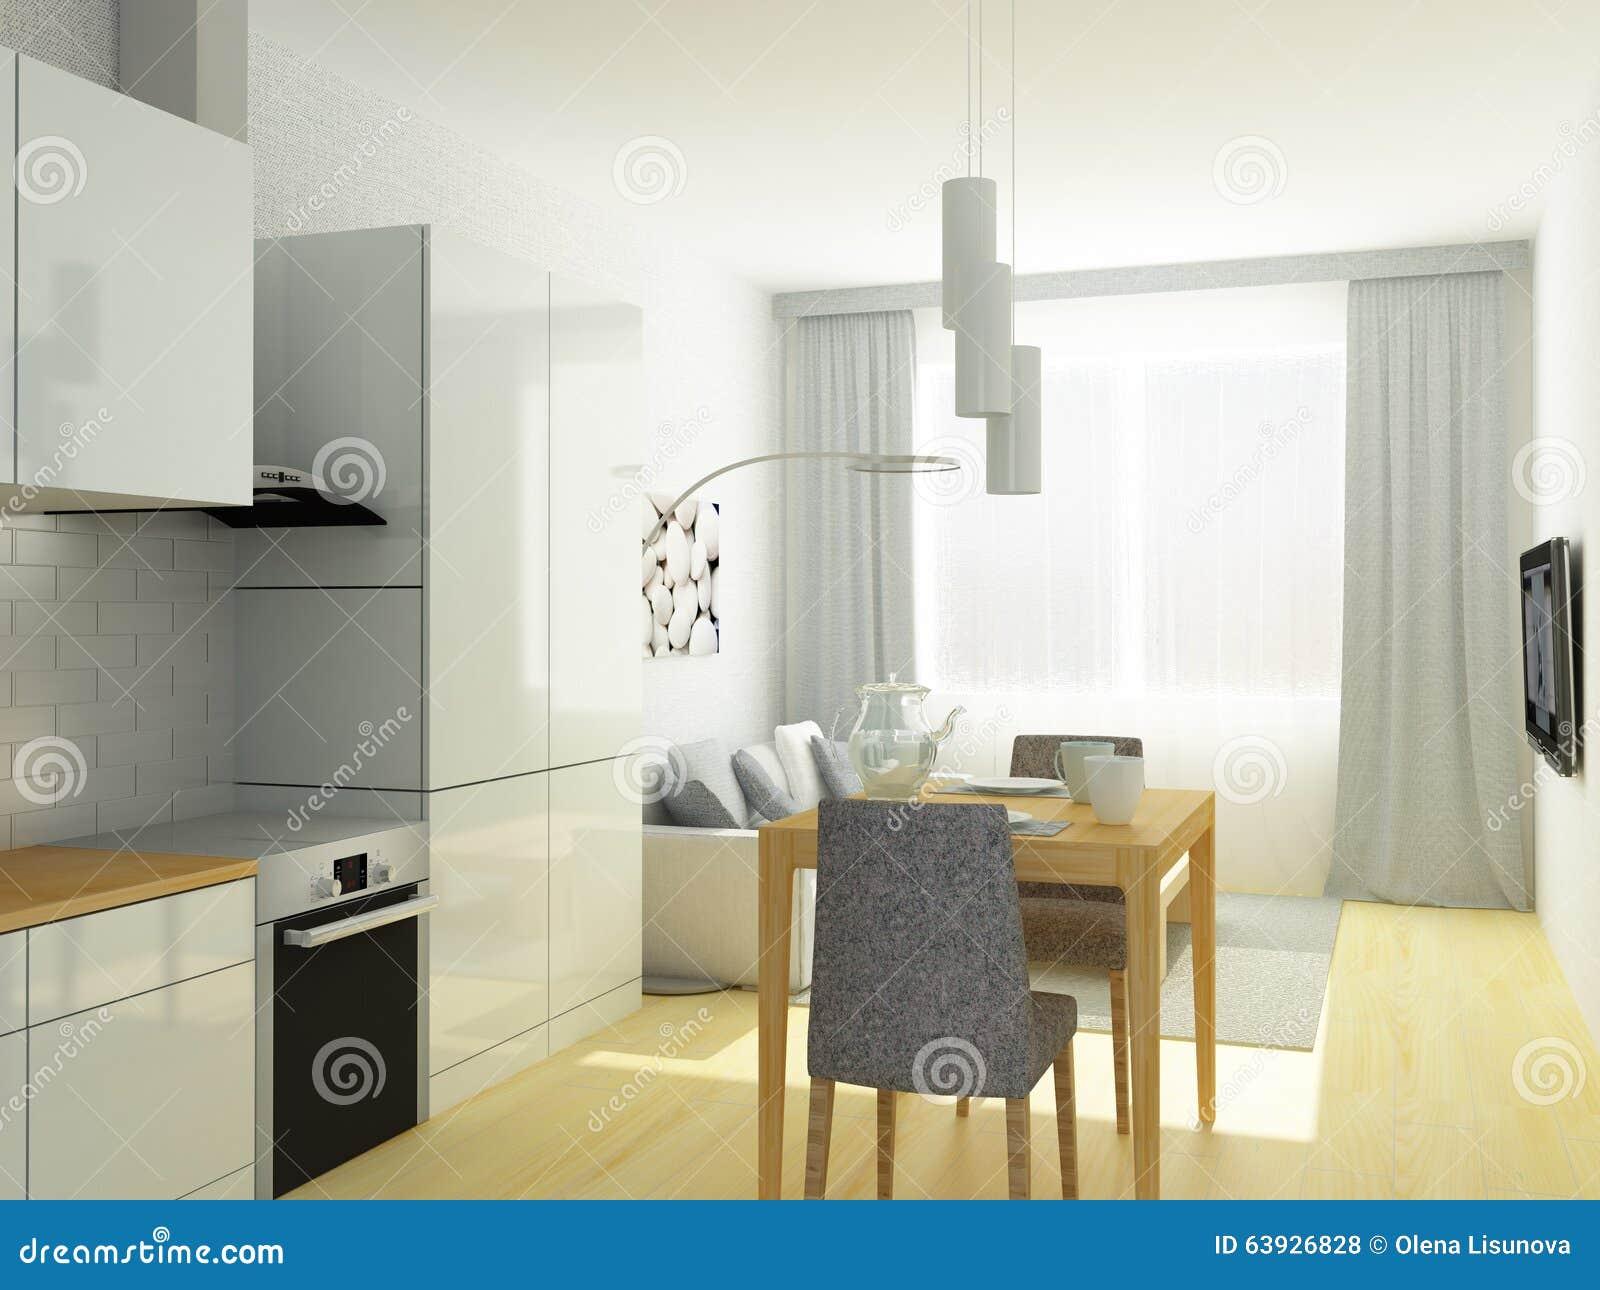 Petits Appartement, Pièce De Studio, Cuisine Et Salon Dans Des Couleurs  Gris Clair